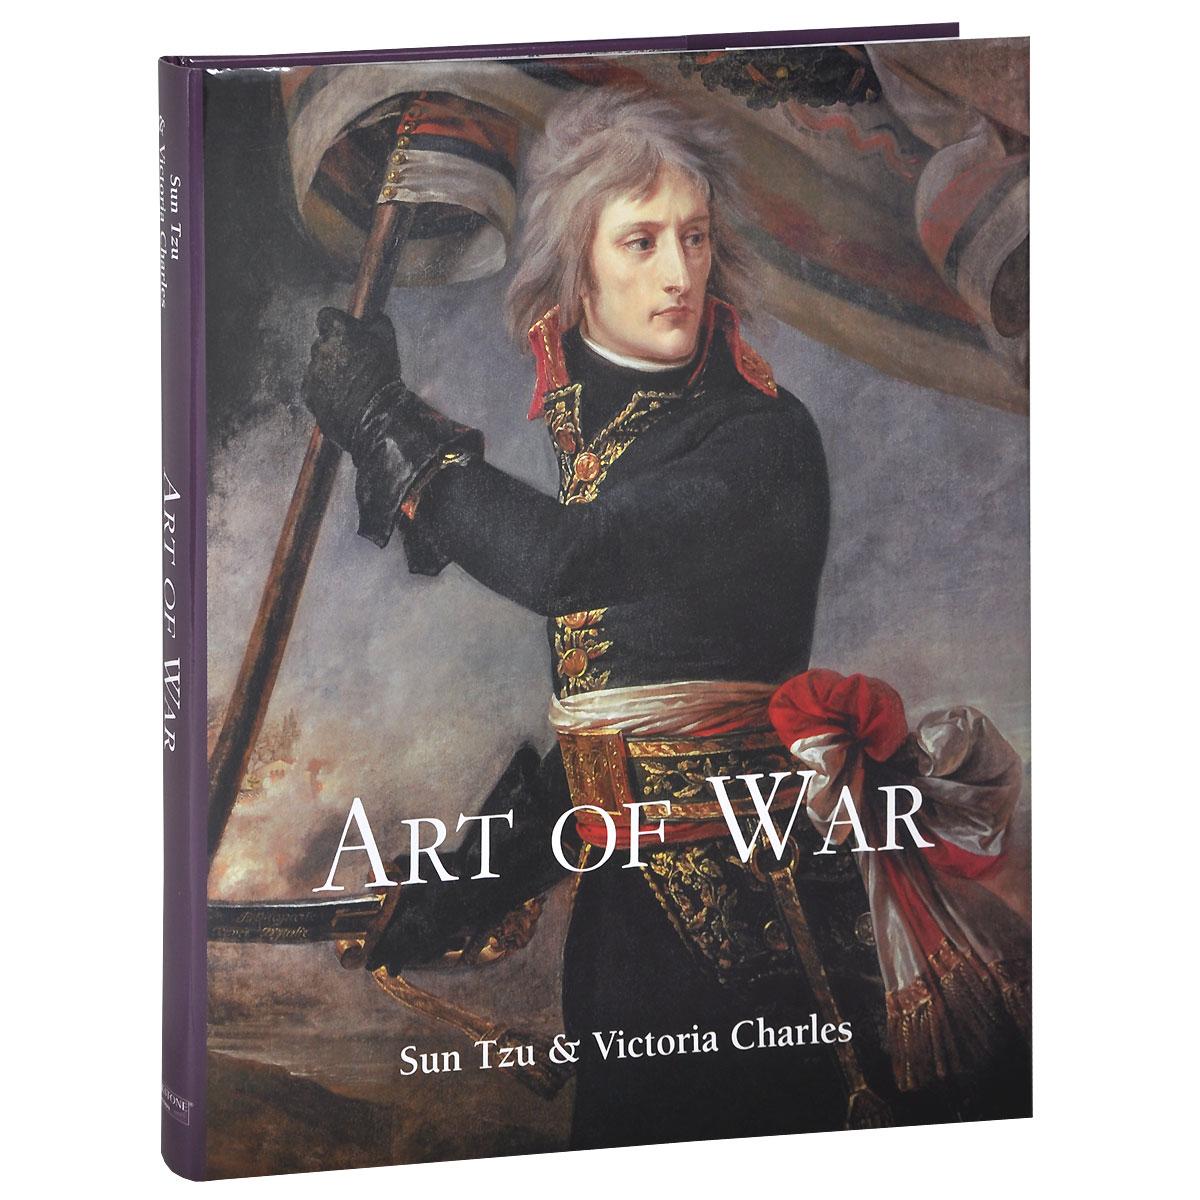 Arturo Graf, Victoria Charles Art of Warjn arturo graf l'art du diable